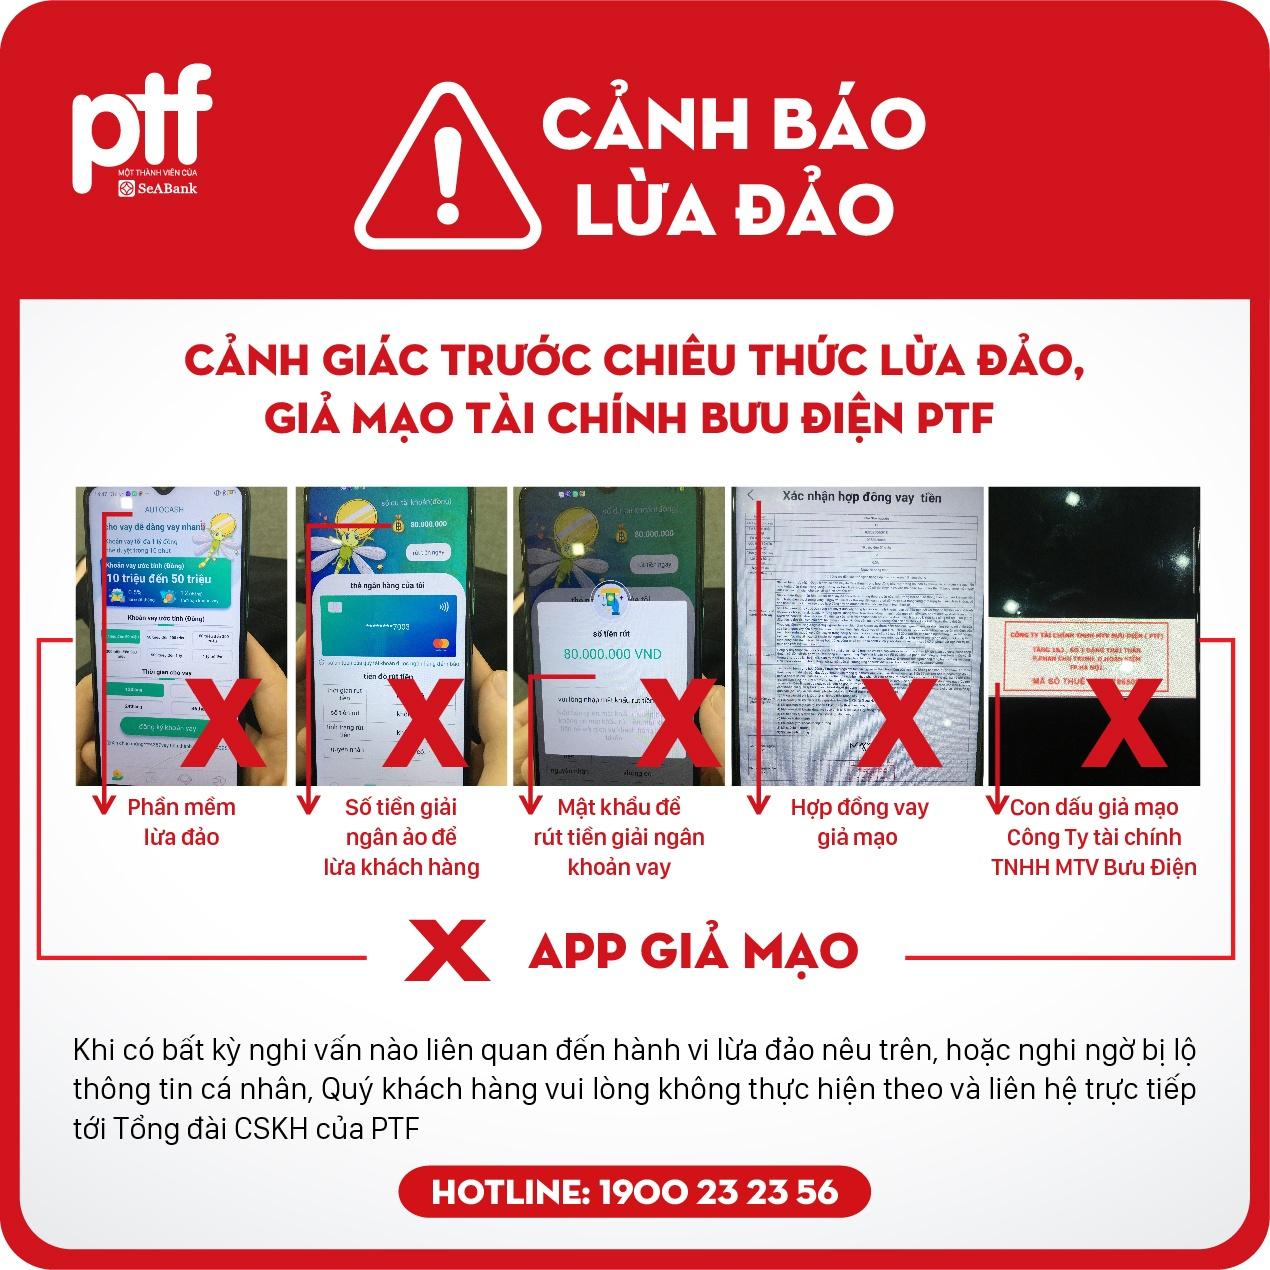 canh bao hinh thuc lua dao mao danh cong ty tai chinh buu dien ptf